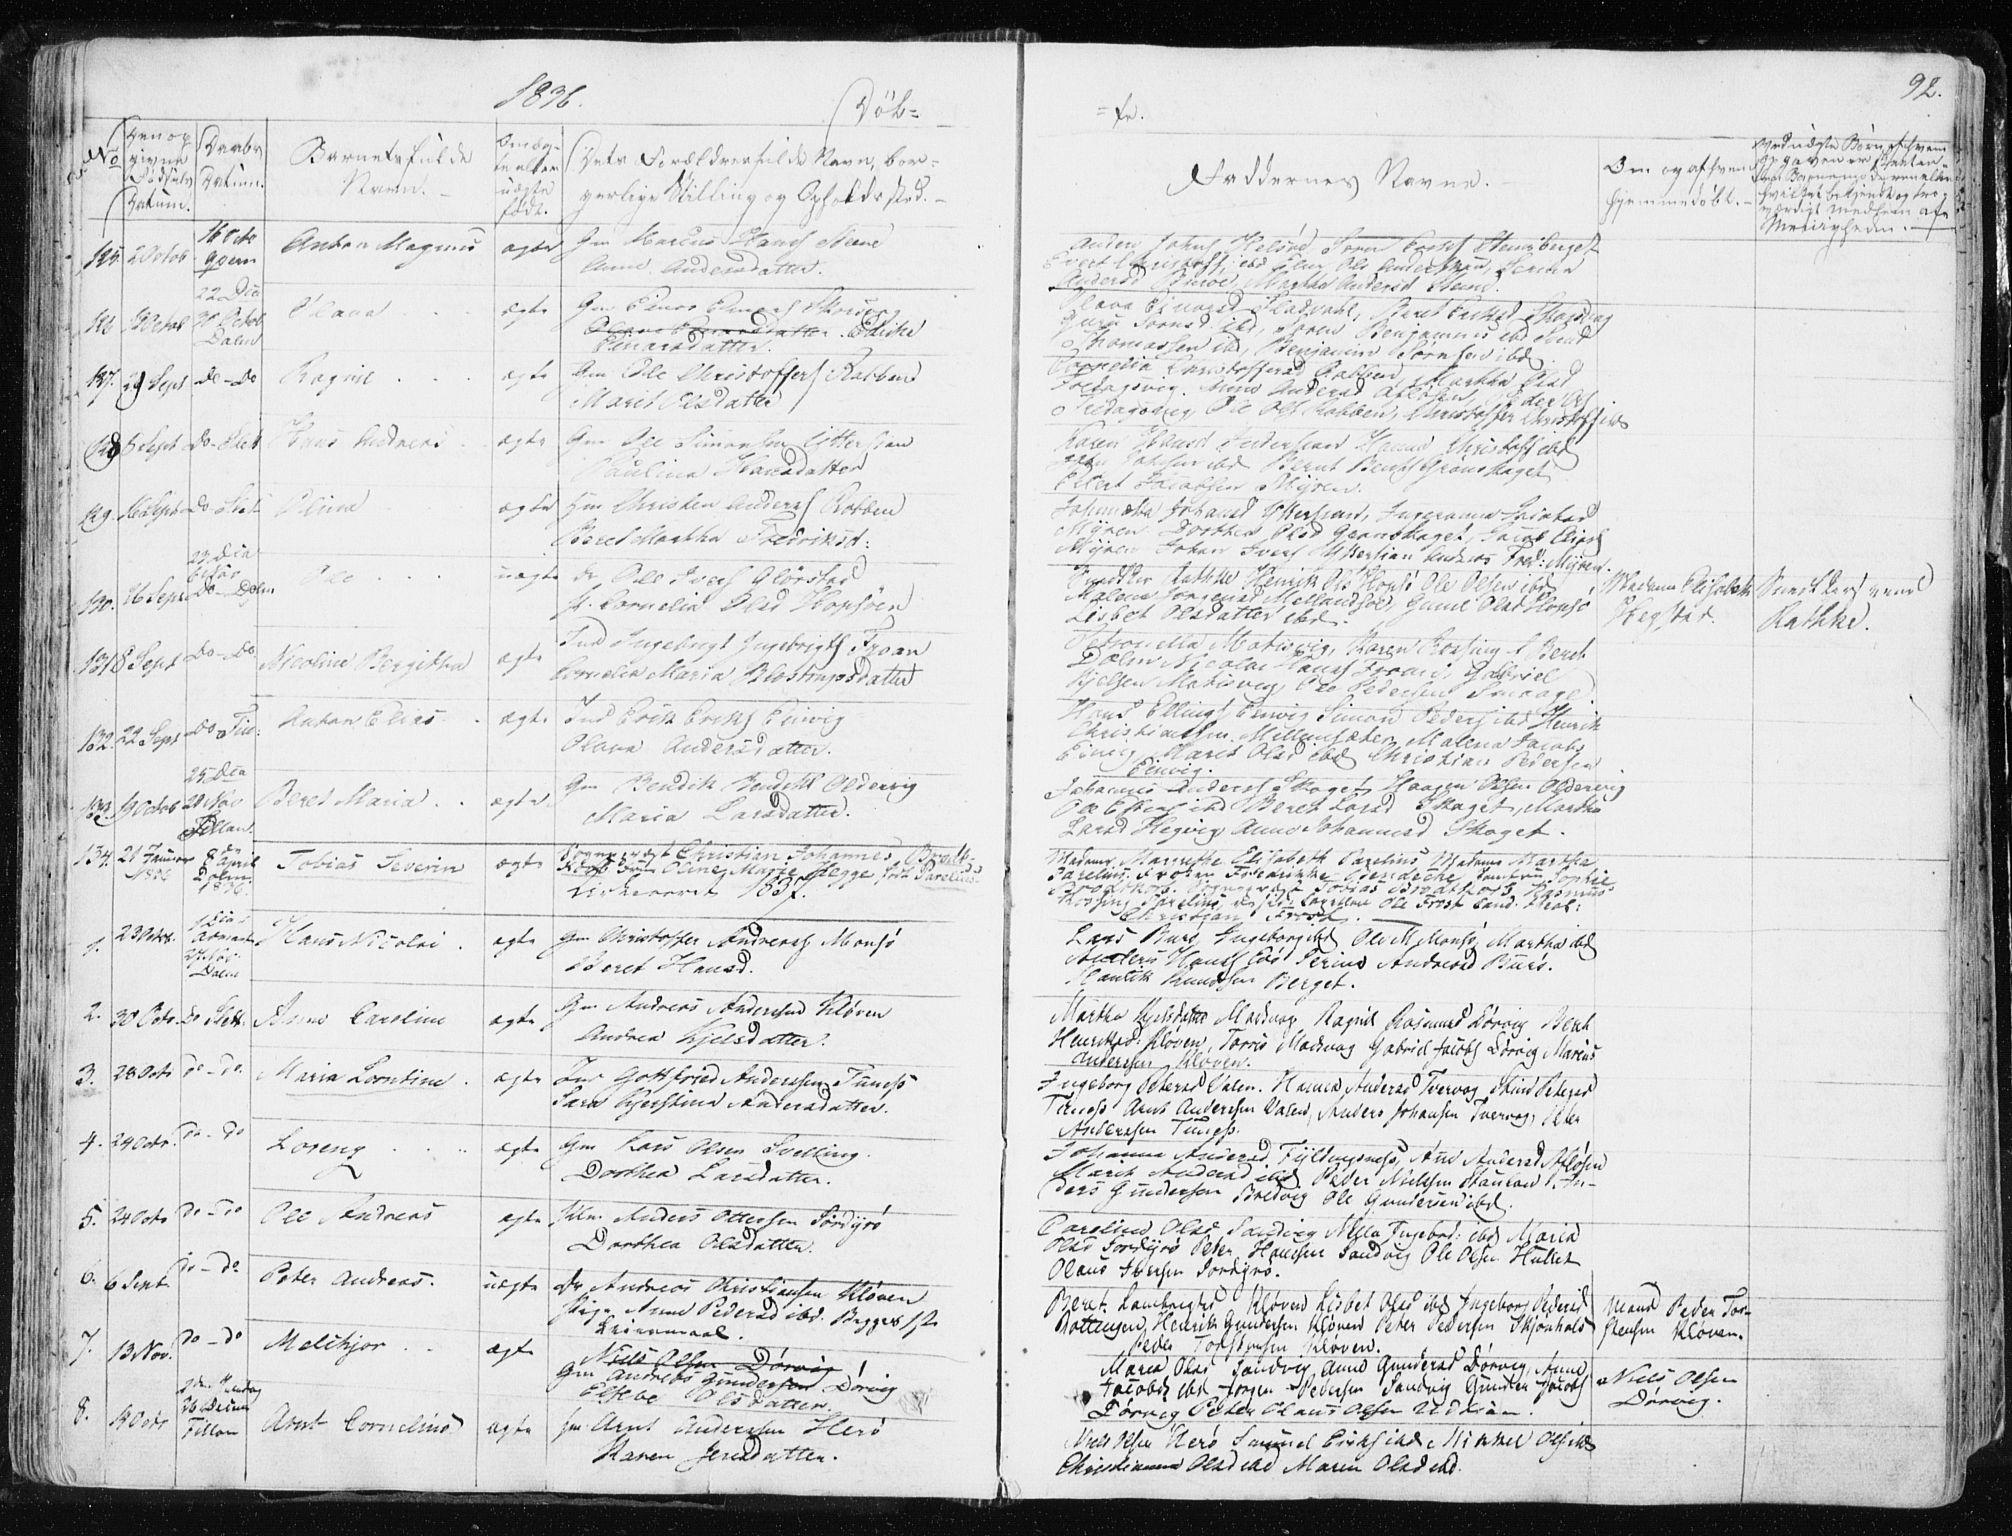 SAT, Ministerialprotokoller, klokkerbøker og fødselsregistre - Sør-Trøndelag, 634/L0528: Ministerialbok nr. 634A04, 1827-1842, s. 92